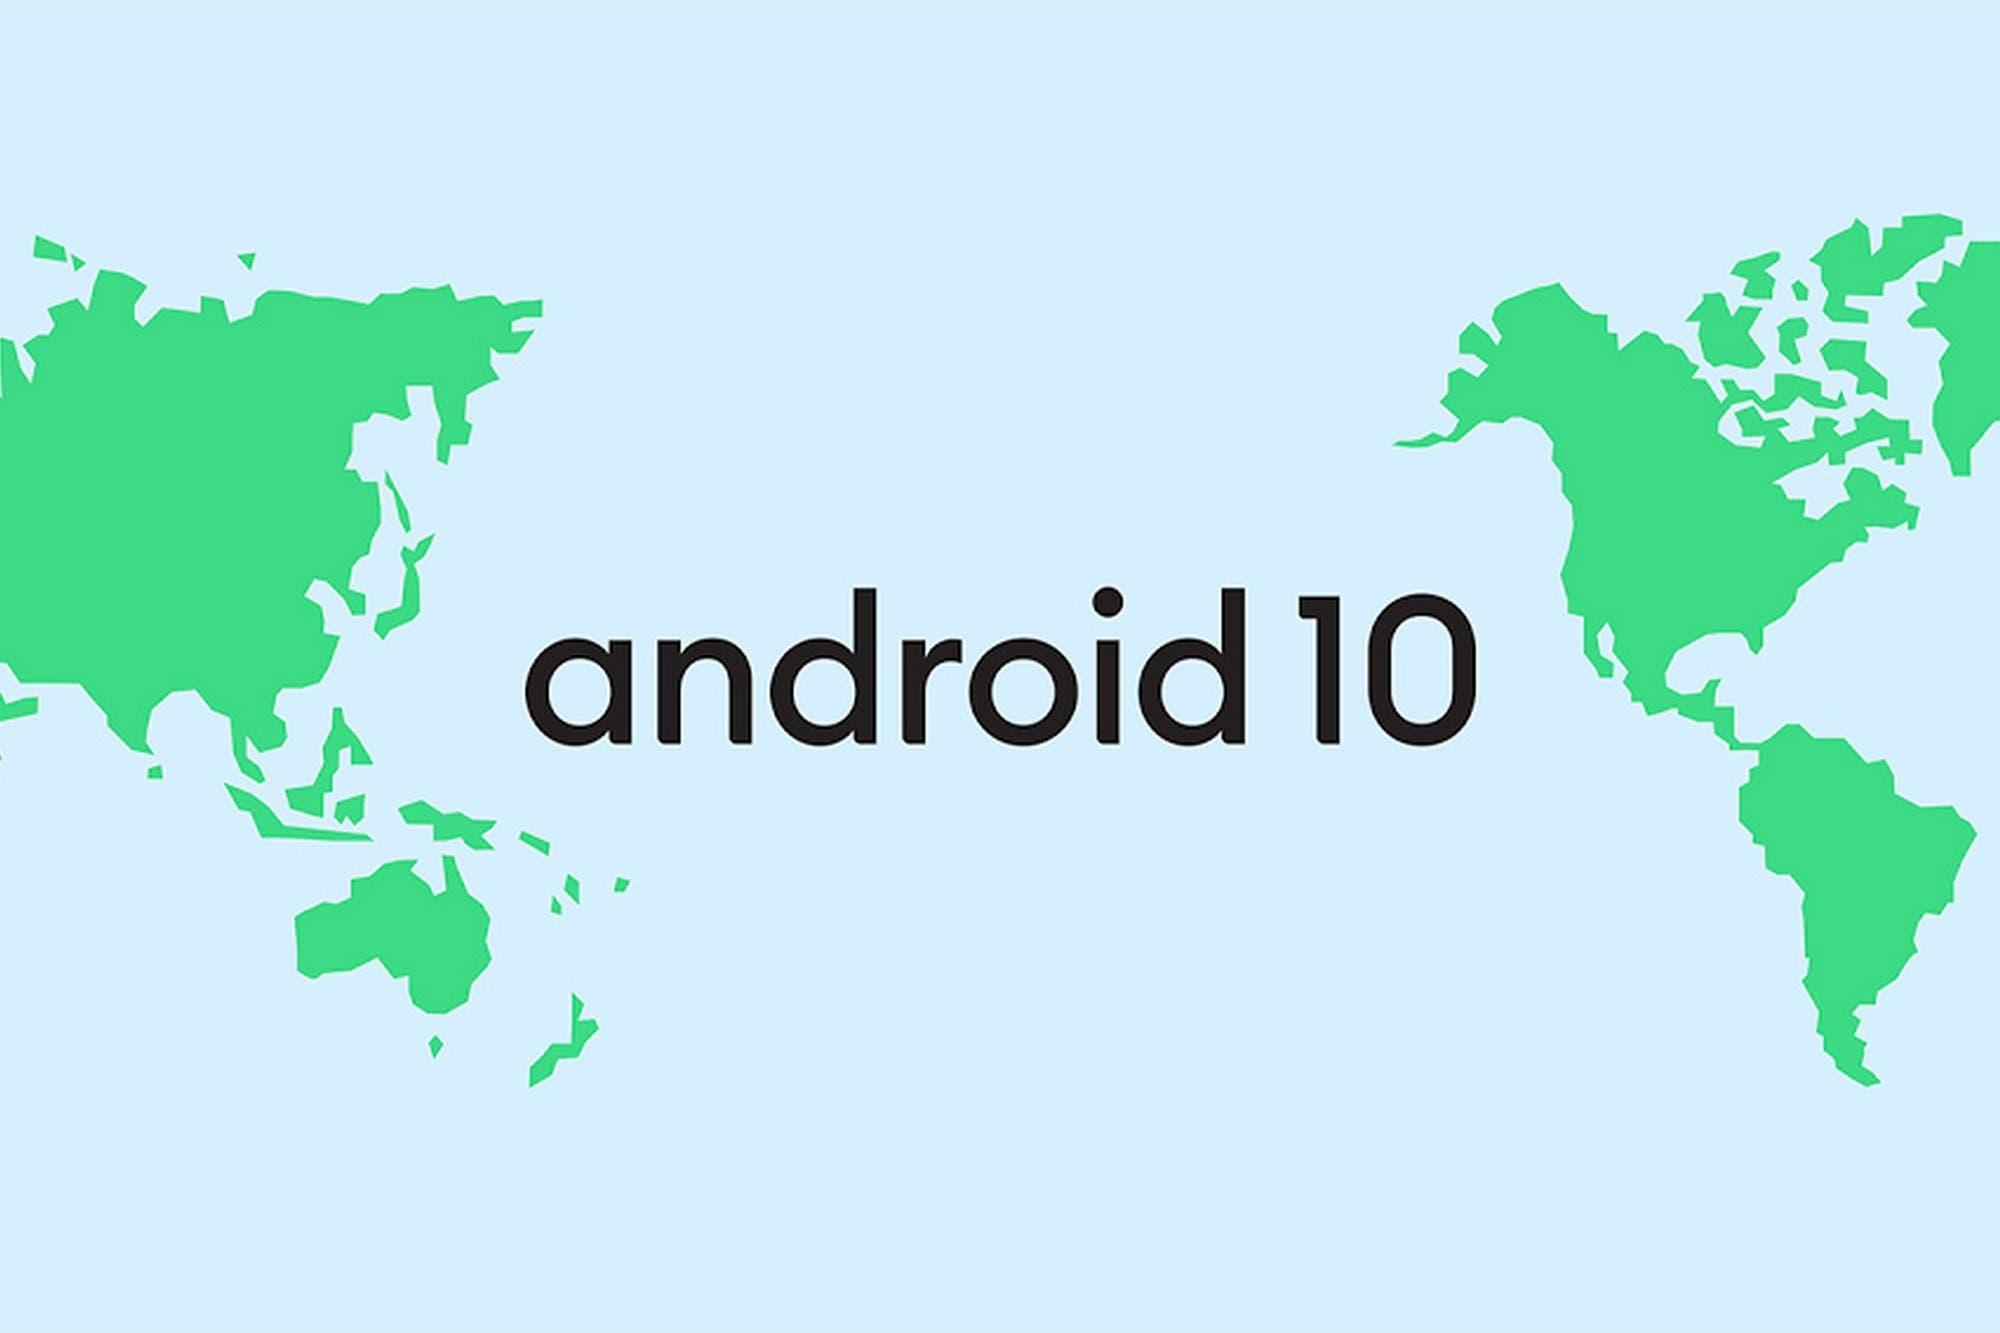 Android abandona los postres: las nuevas versiones de Google solo serán numeradas